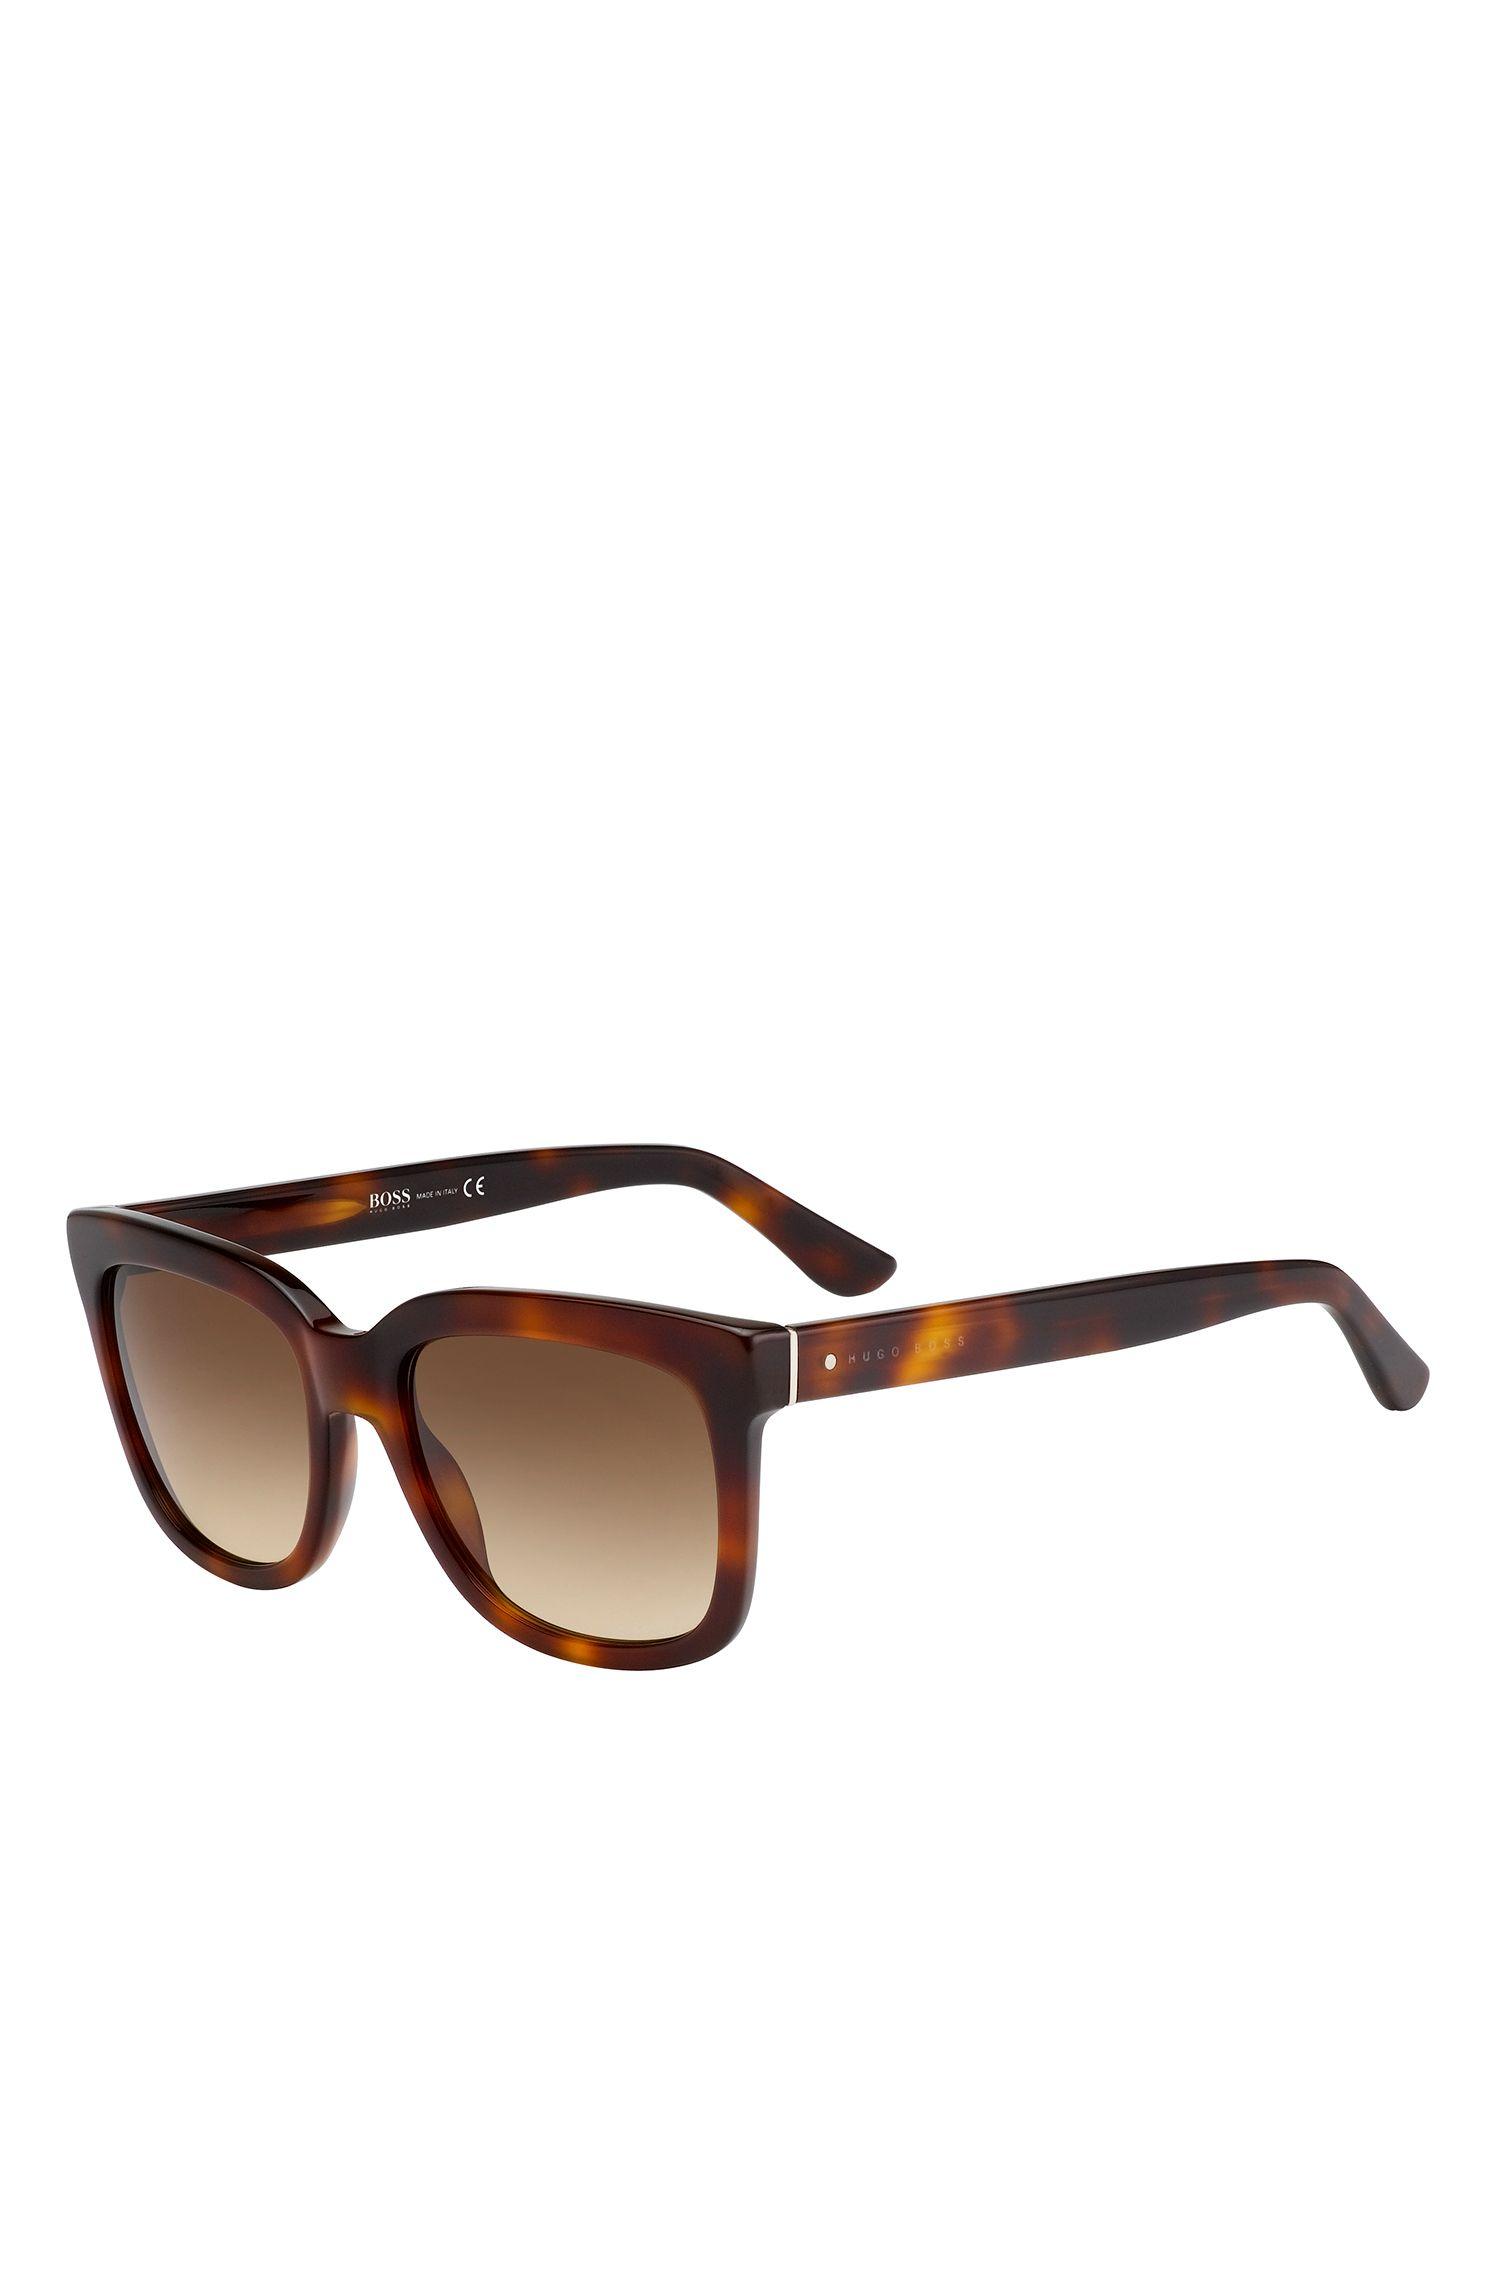 'BOSS 0741S' | Brown Lens Rectangular Sunglasses